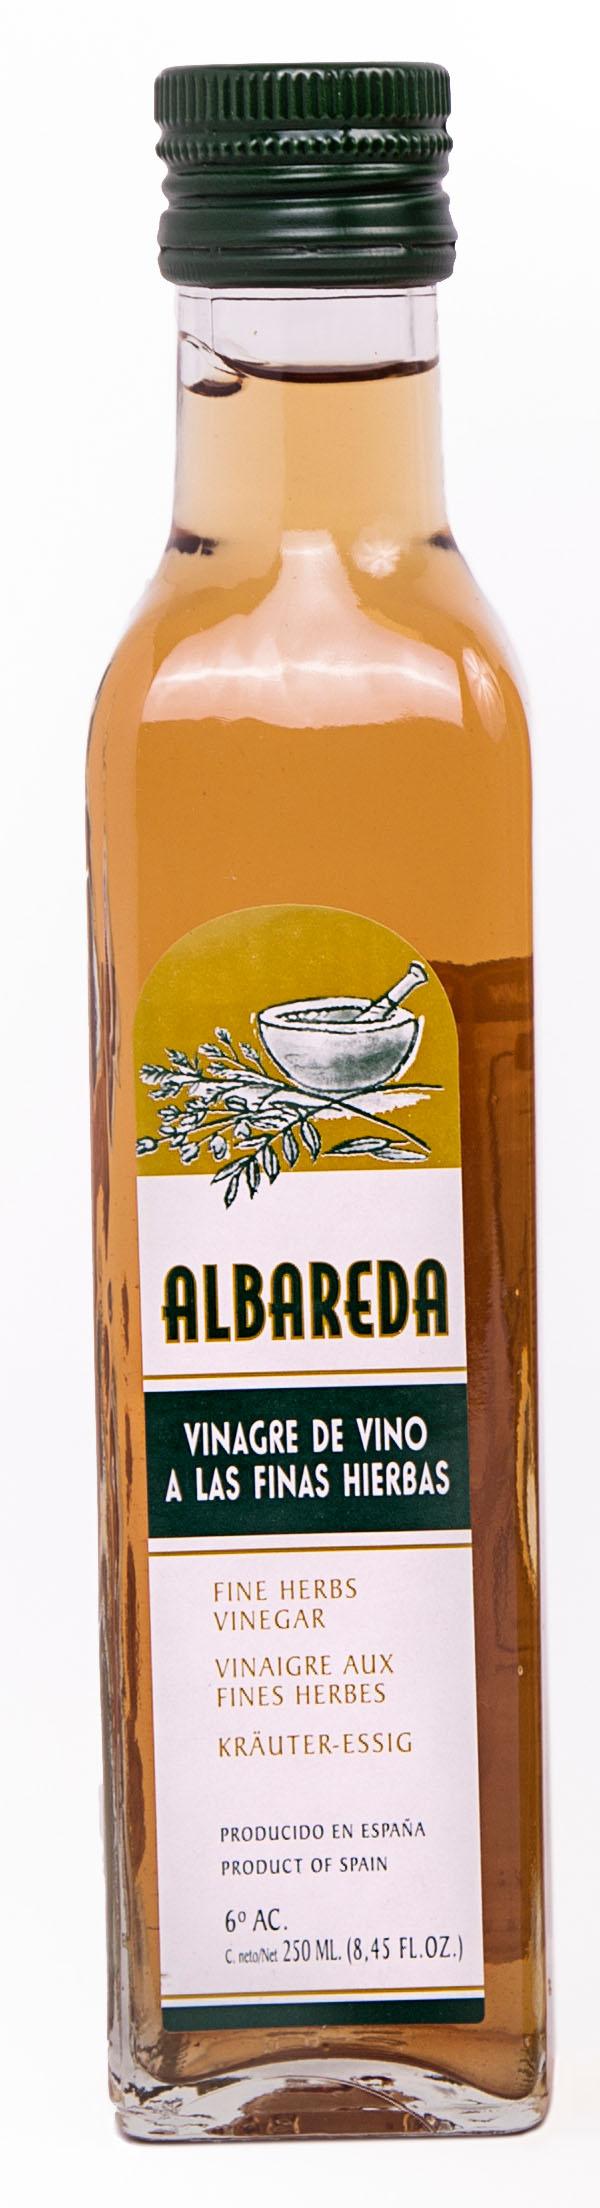 Vinagre a las finas hierbas 250 ml